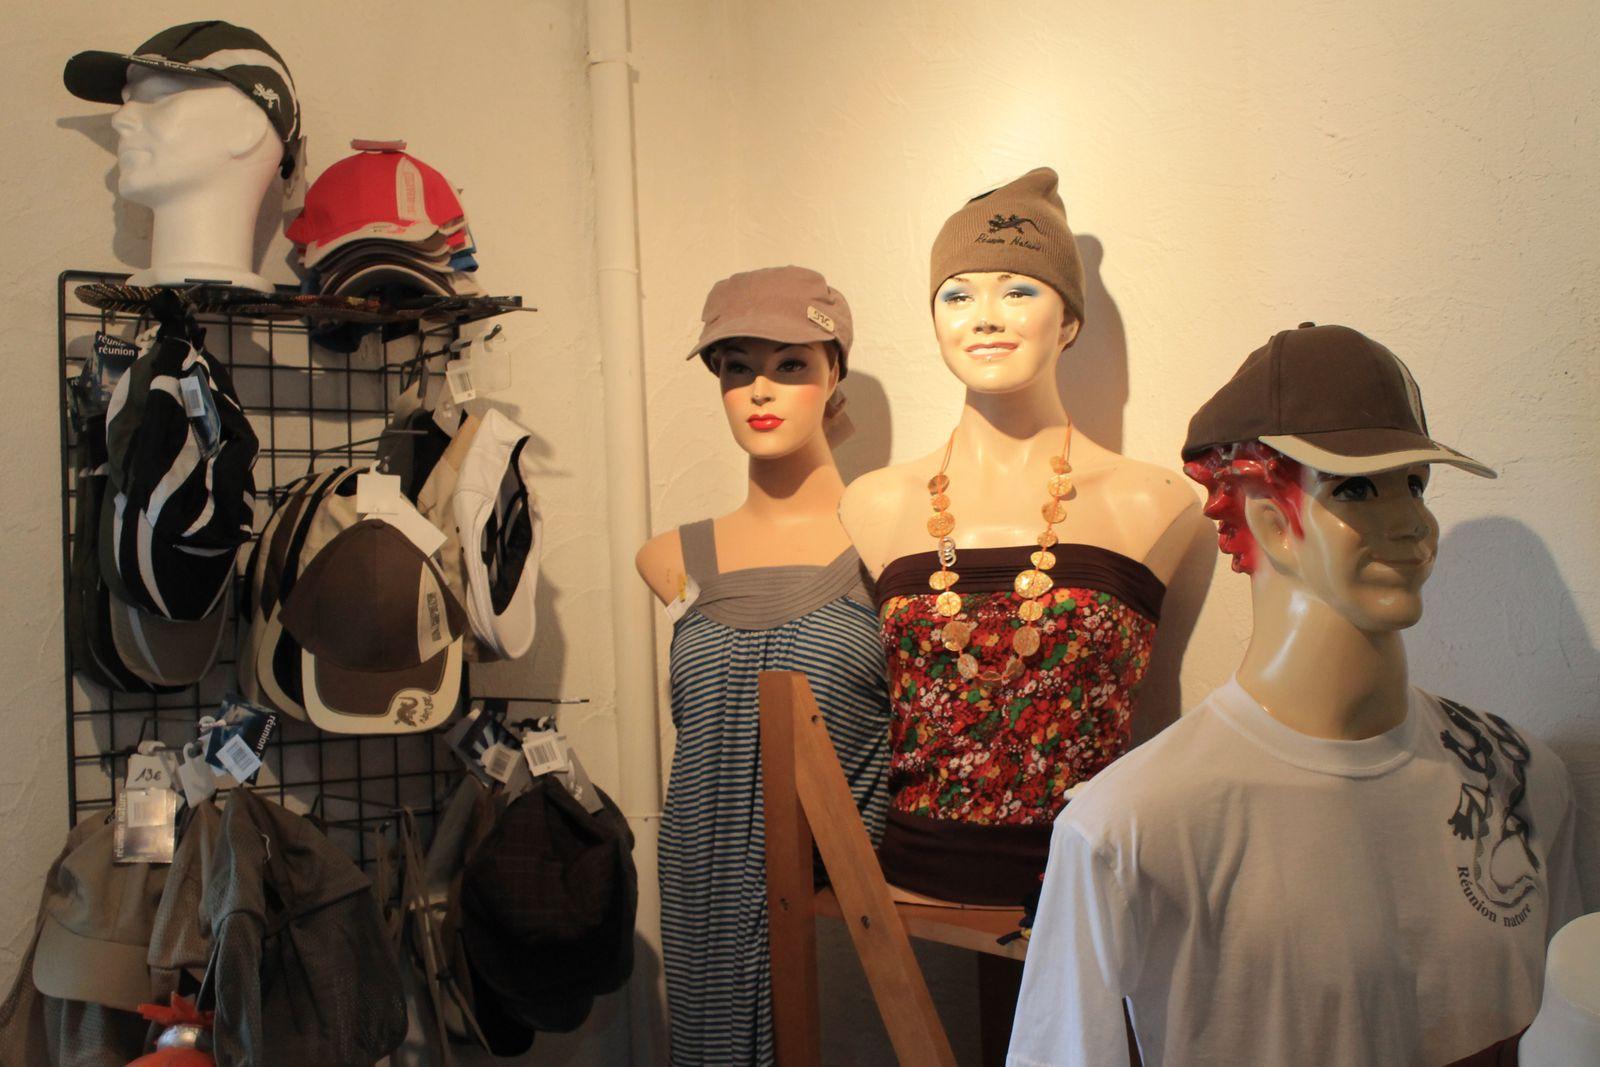 Coin chapeaux, casquettes et bonnets (hommes/femmes)